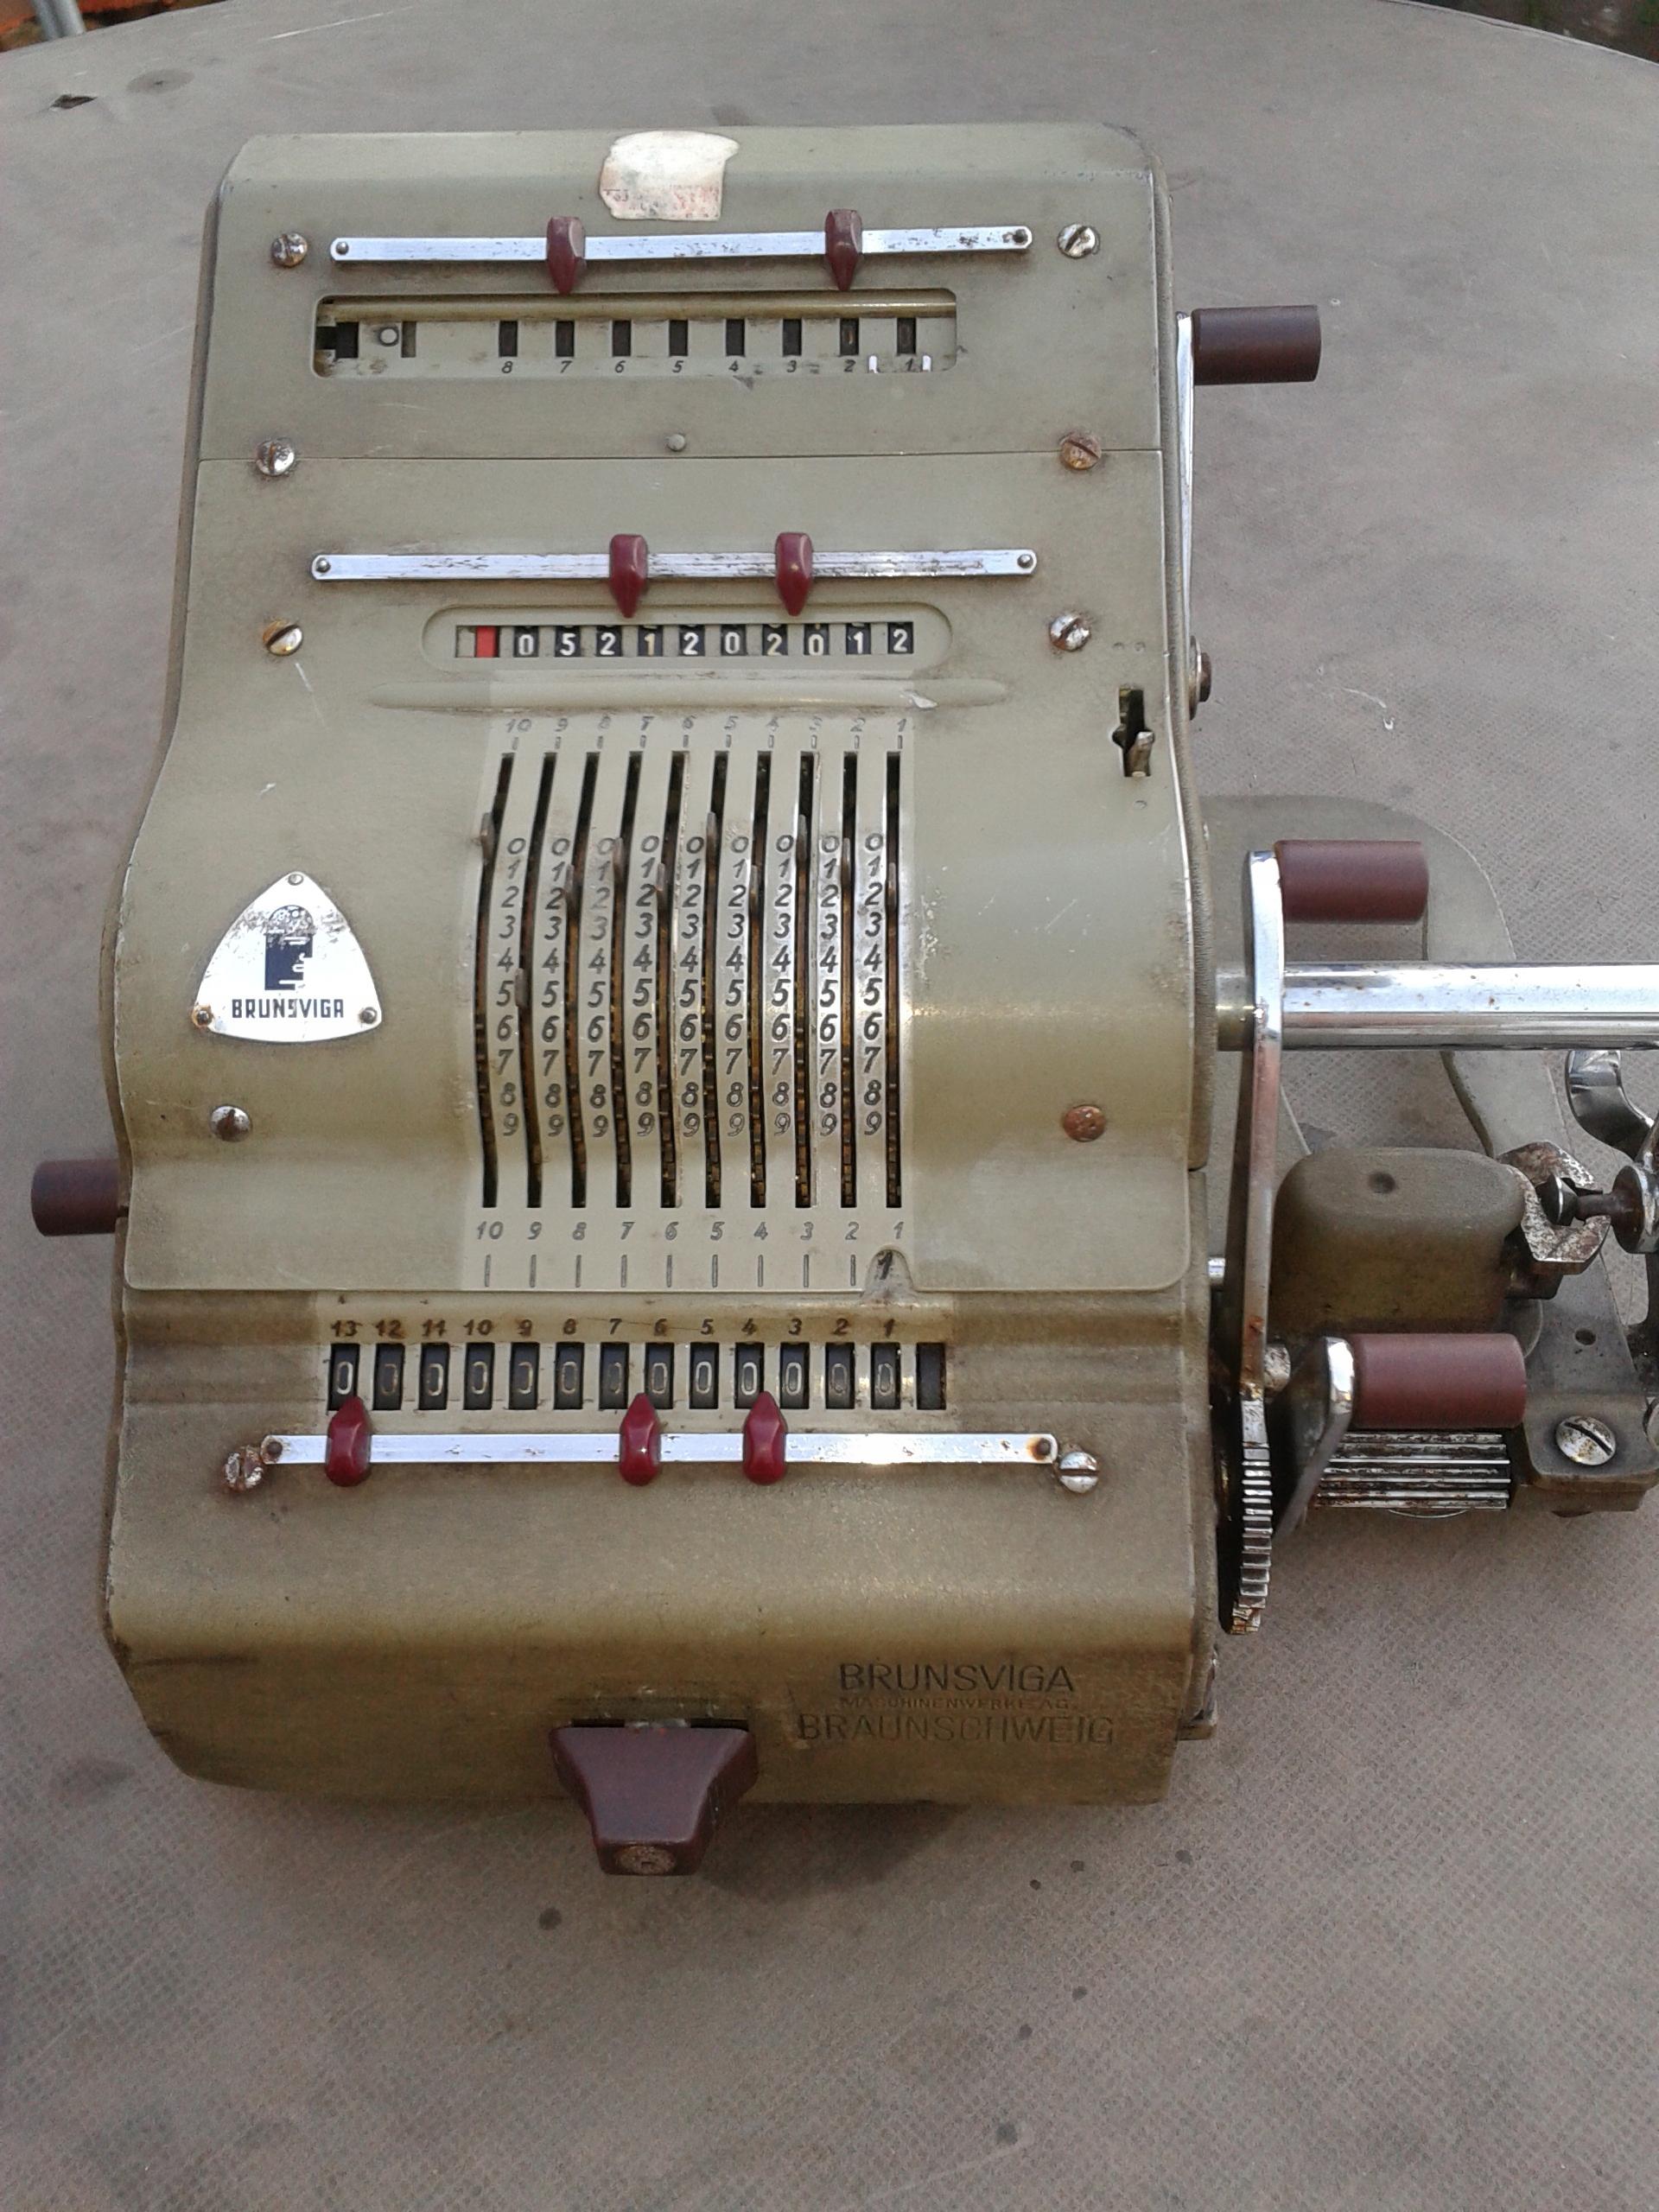 W Ultra Stara maszyna do liczenia BRUNSVIGA - 7440185894 - oficjalne MN72